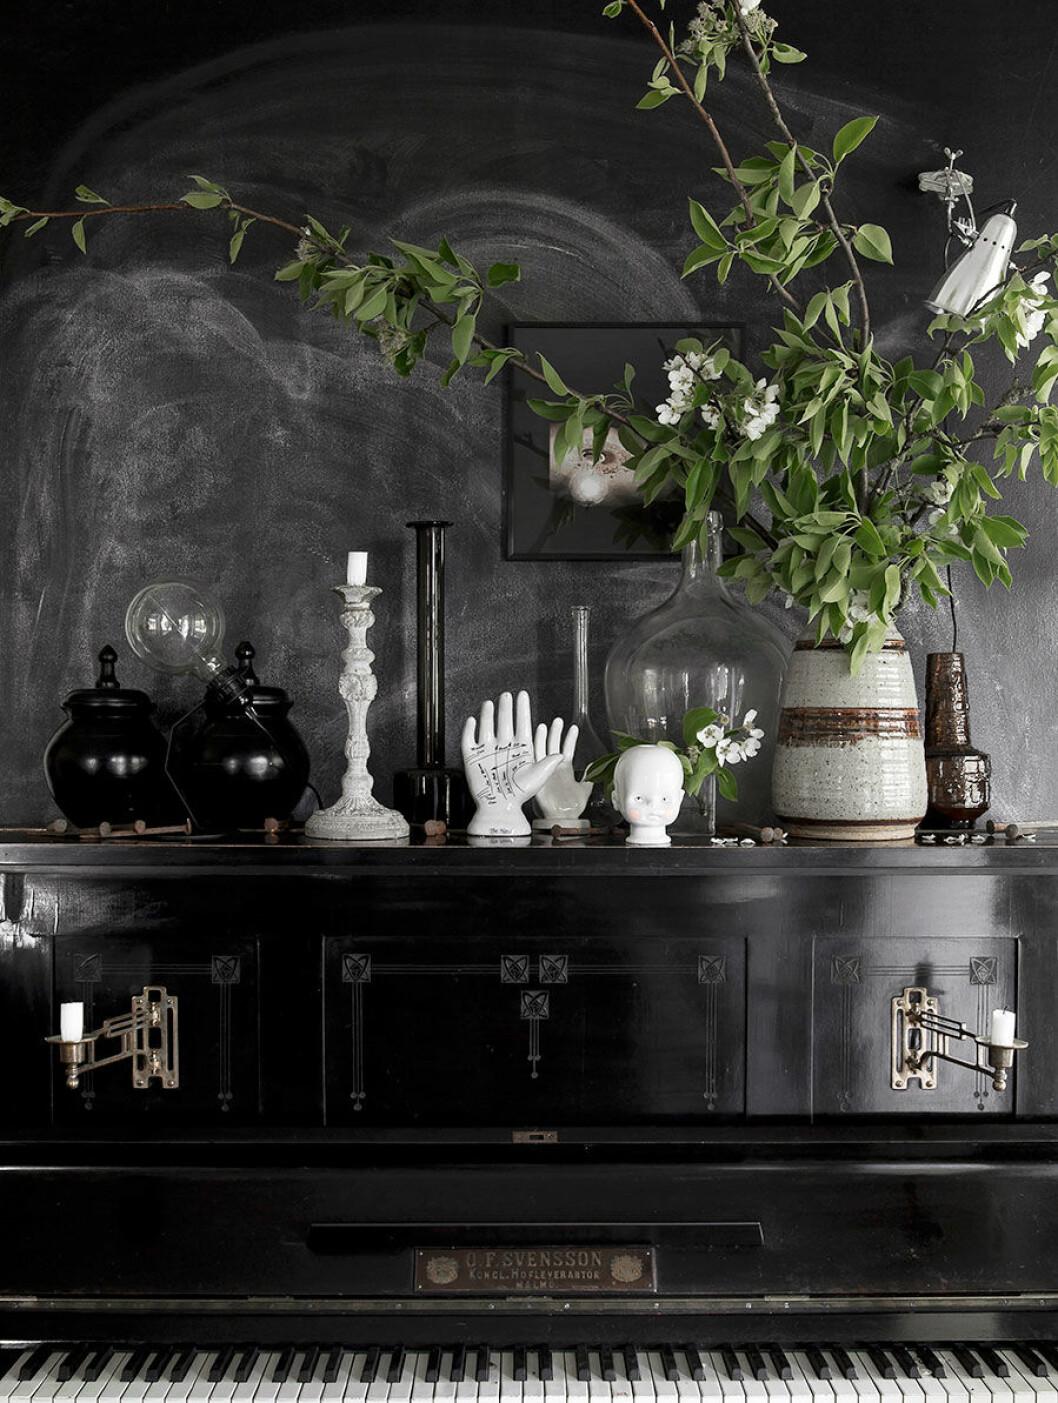 Piano med vaser och växter